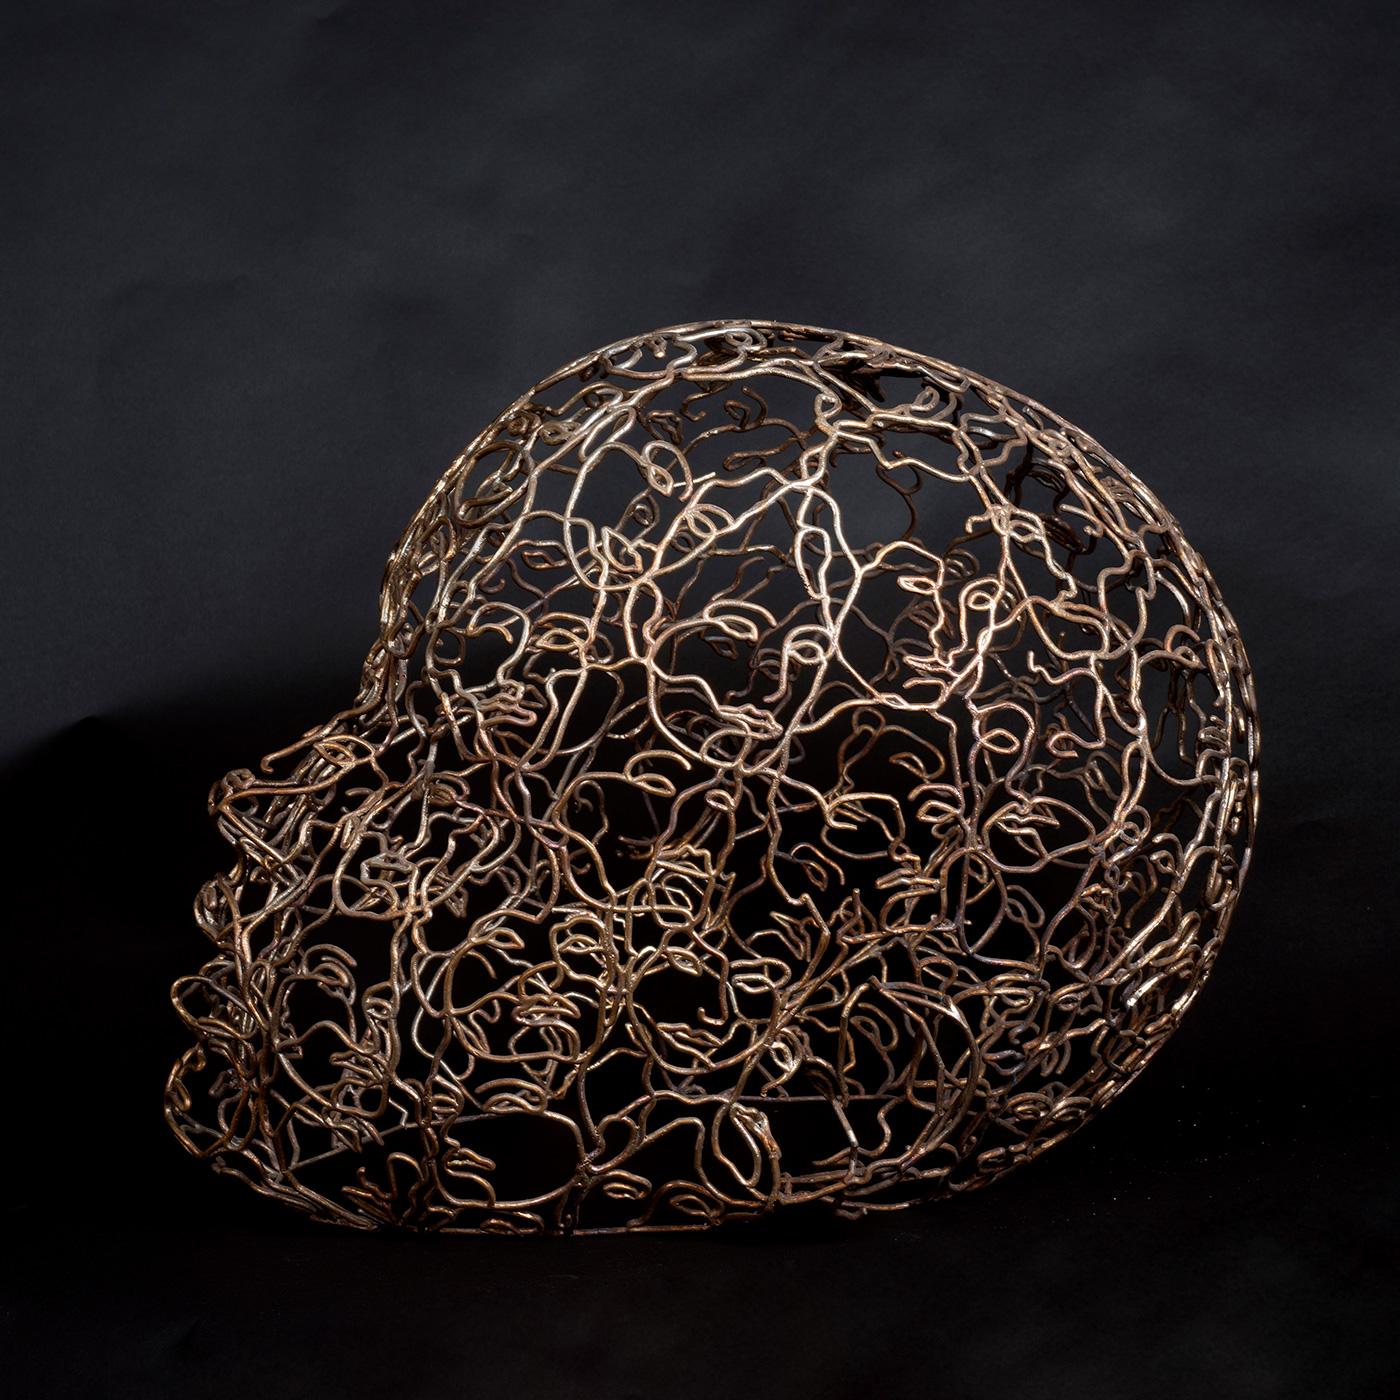 Bonzanos A.G., Testa, fusione in bronzo, 60x60x50 cm, 2018. Collezione privata.